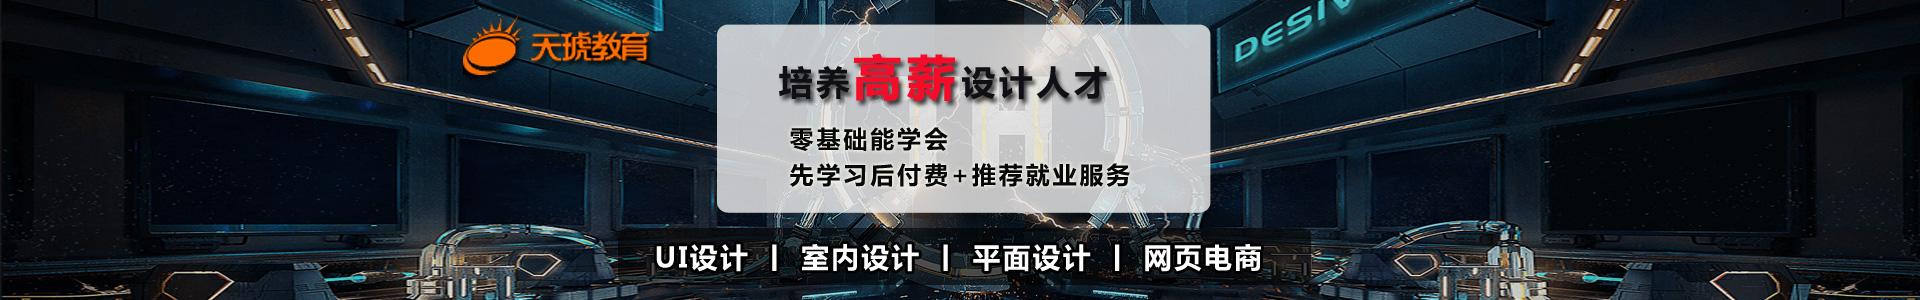 惠州天琥設計培訓學校